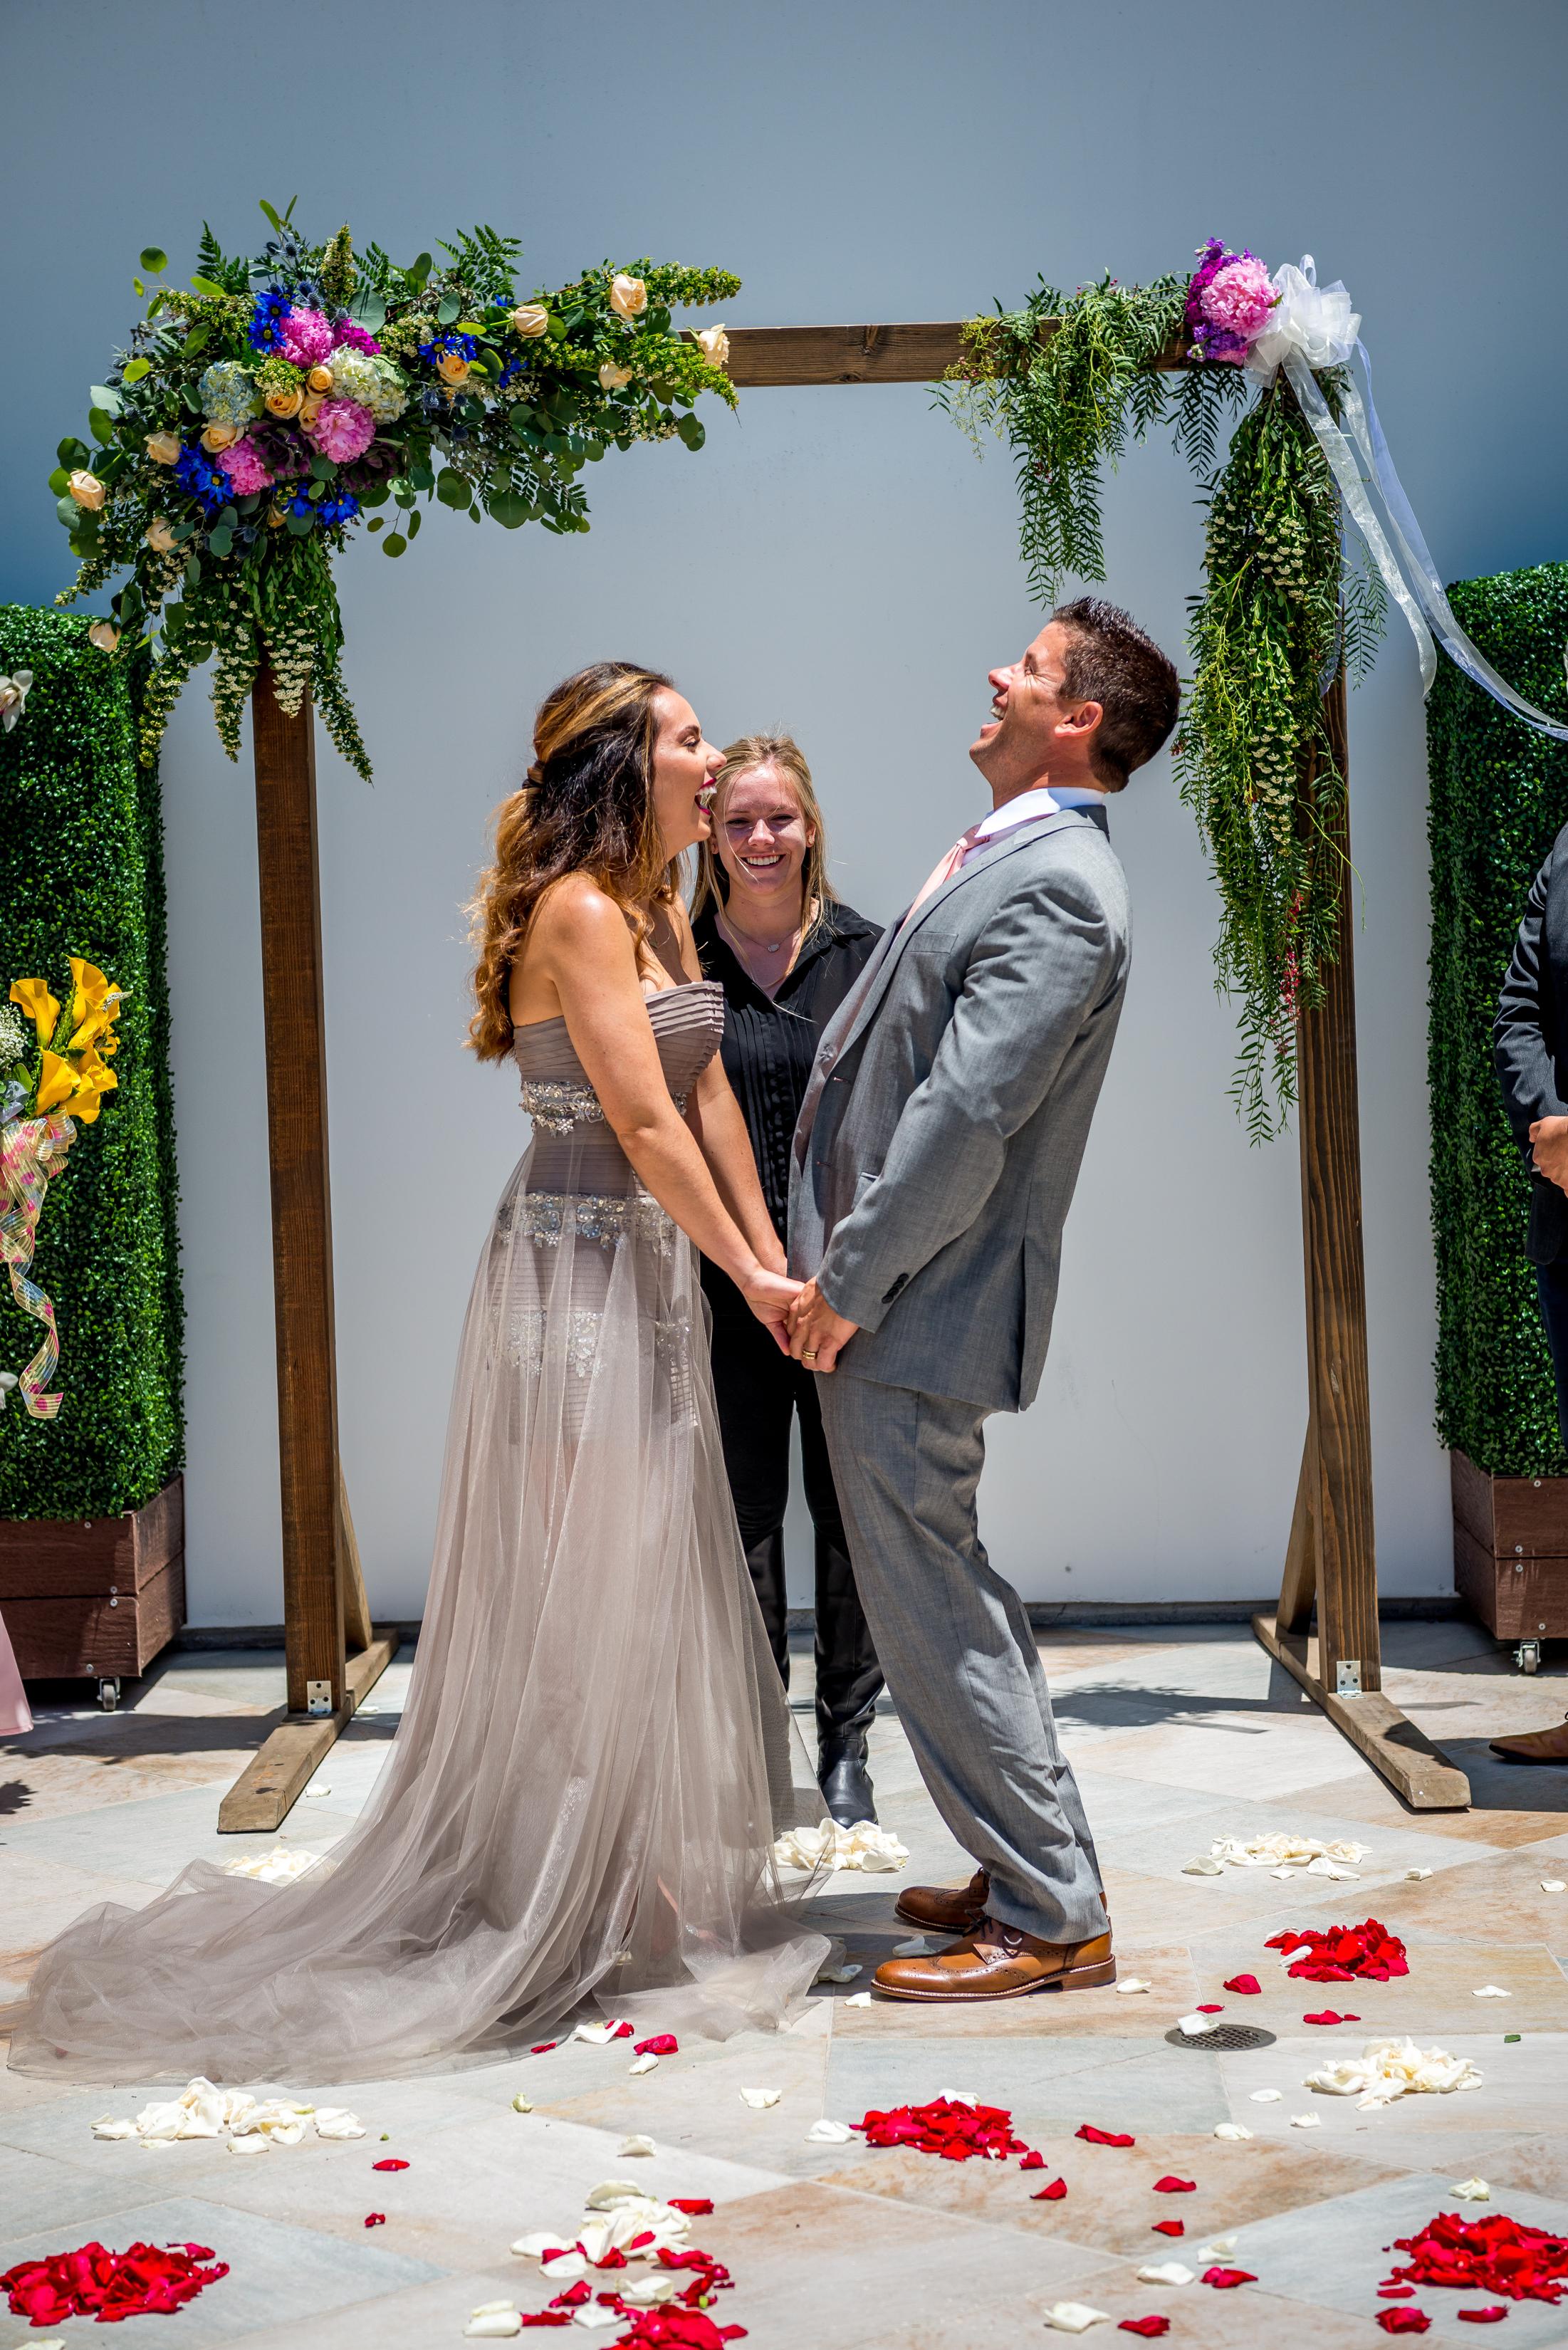 The_Centre_Escondido_Weddings_Emry_Photography_0264.jpg